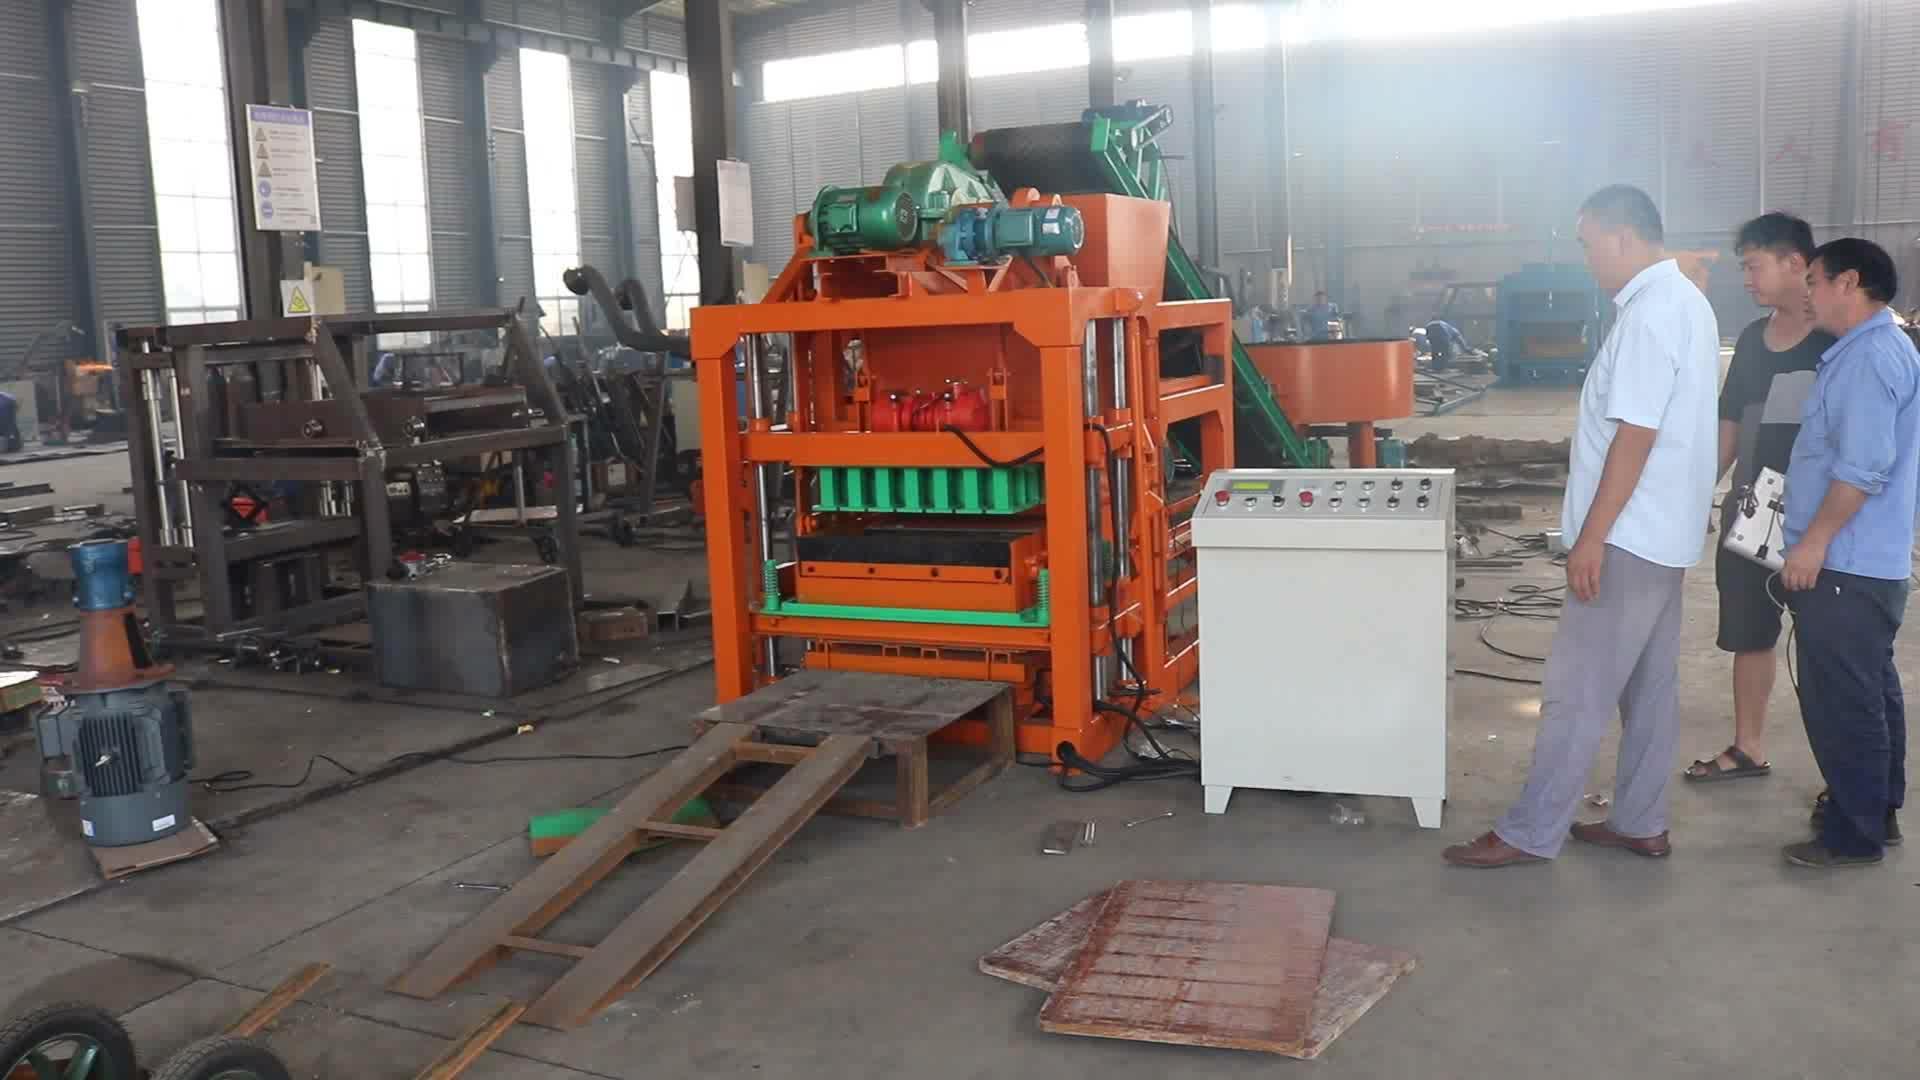 Kleine machines voor home business Qtj4-28 Goede kwaliteit cellulaire lichtgewicht beton bouwstenen baksteen making machine prijs